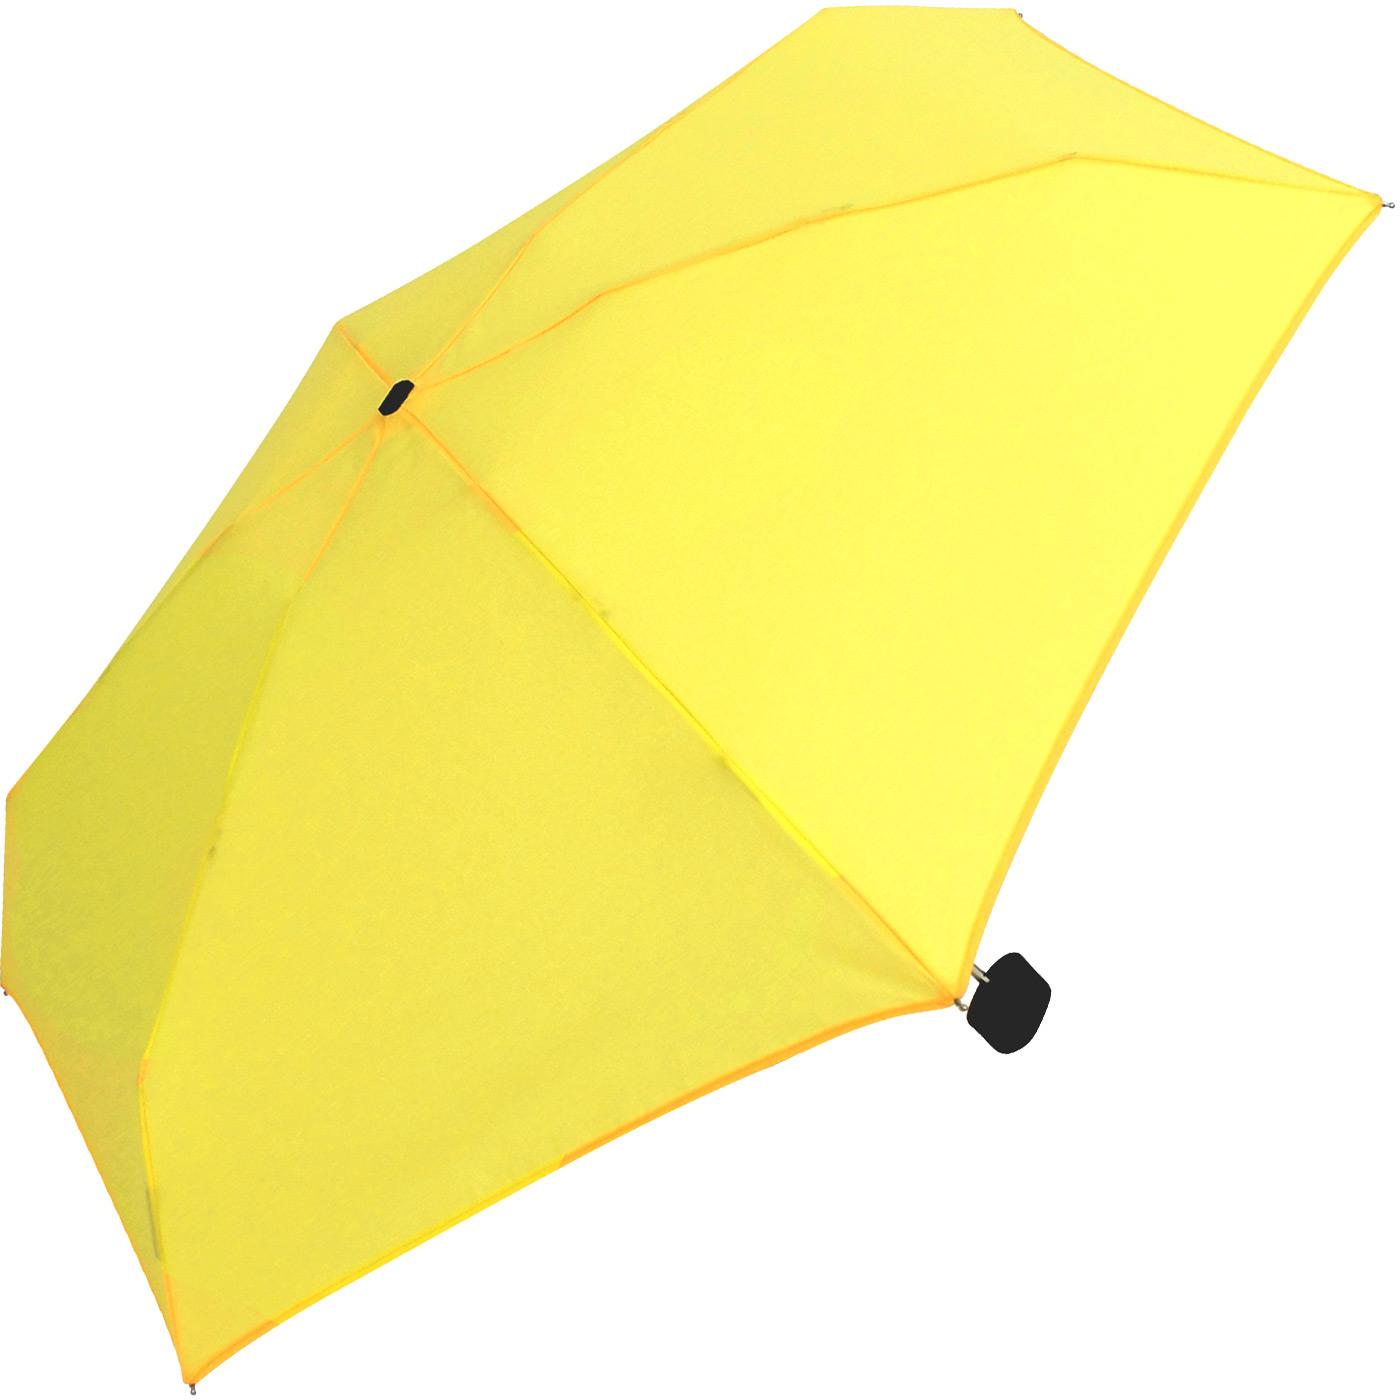 Regenschirm-Super-Mini-Taschenschirm-Damen-Herren-winzig-klein-leicht-im-Etui Indexbild 31